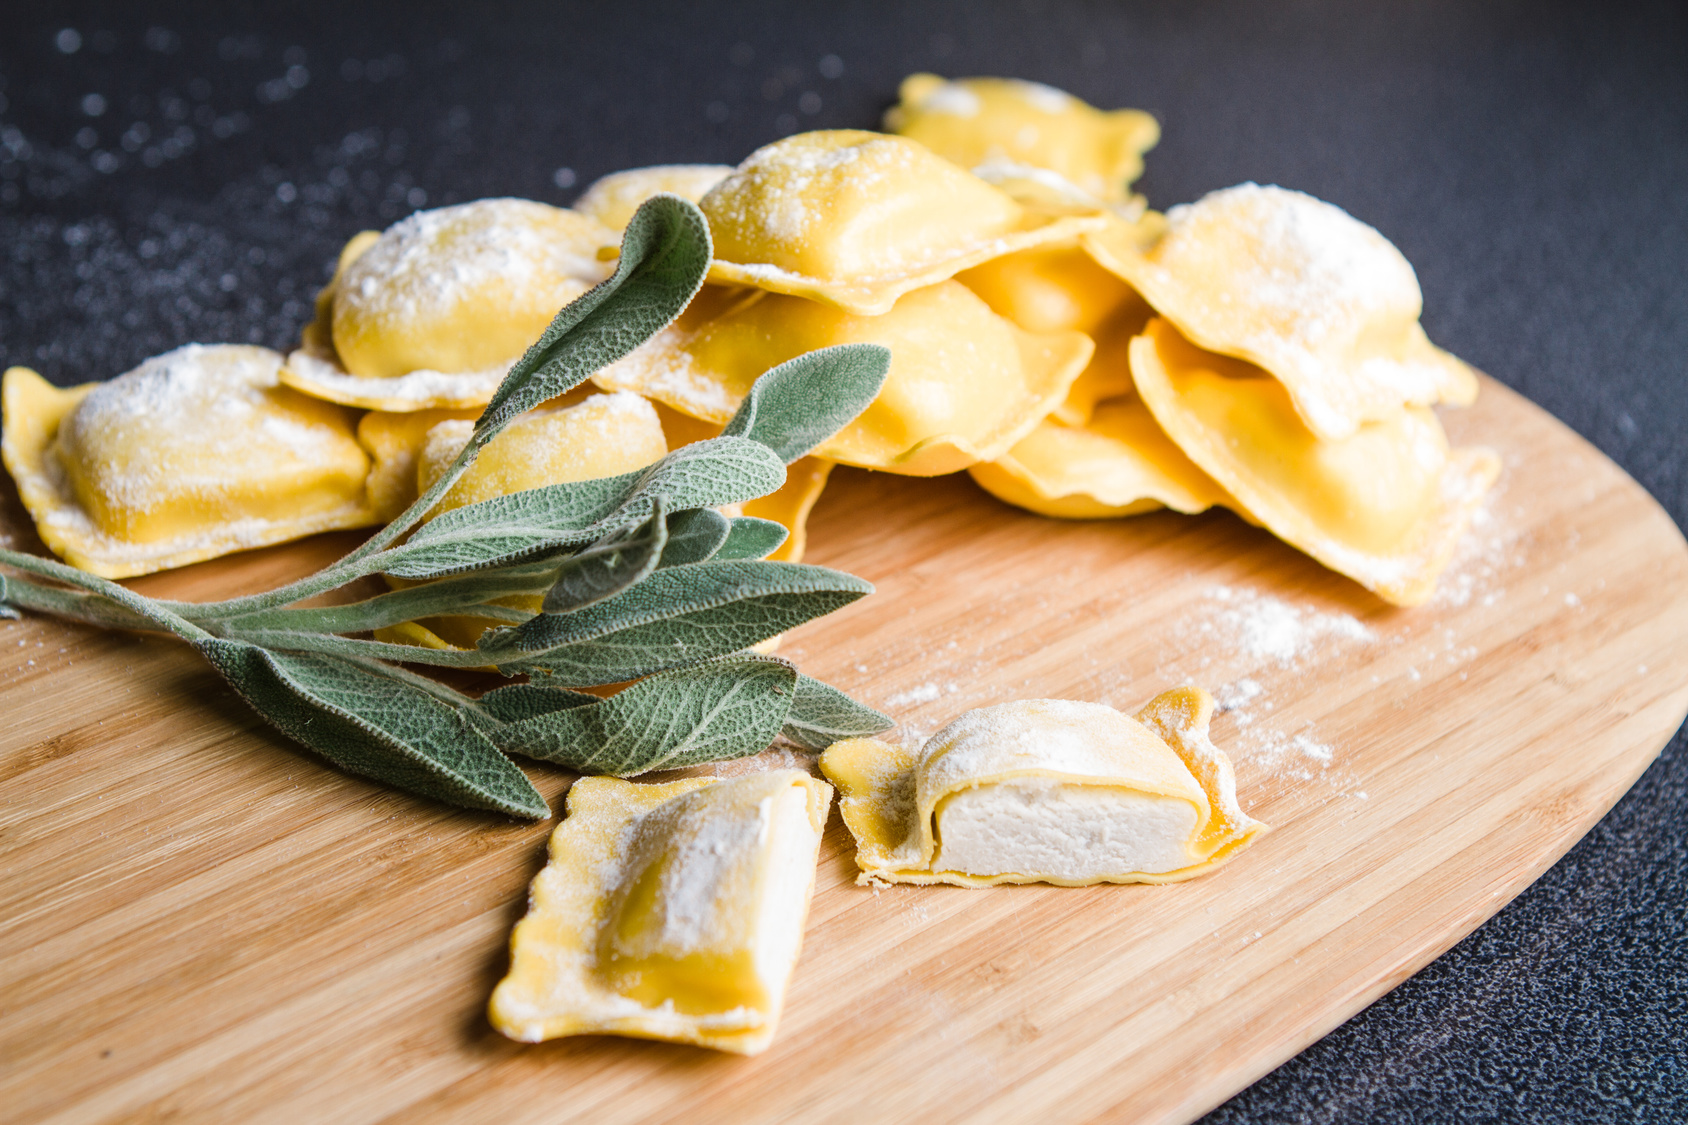 Italienisches Weihnachtsmenü Rezepte.Die Beliebtesten Weihnachtsmenüs Blog Geschenkidee Ch